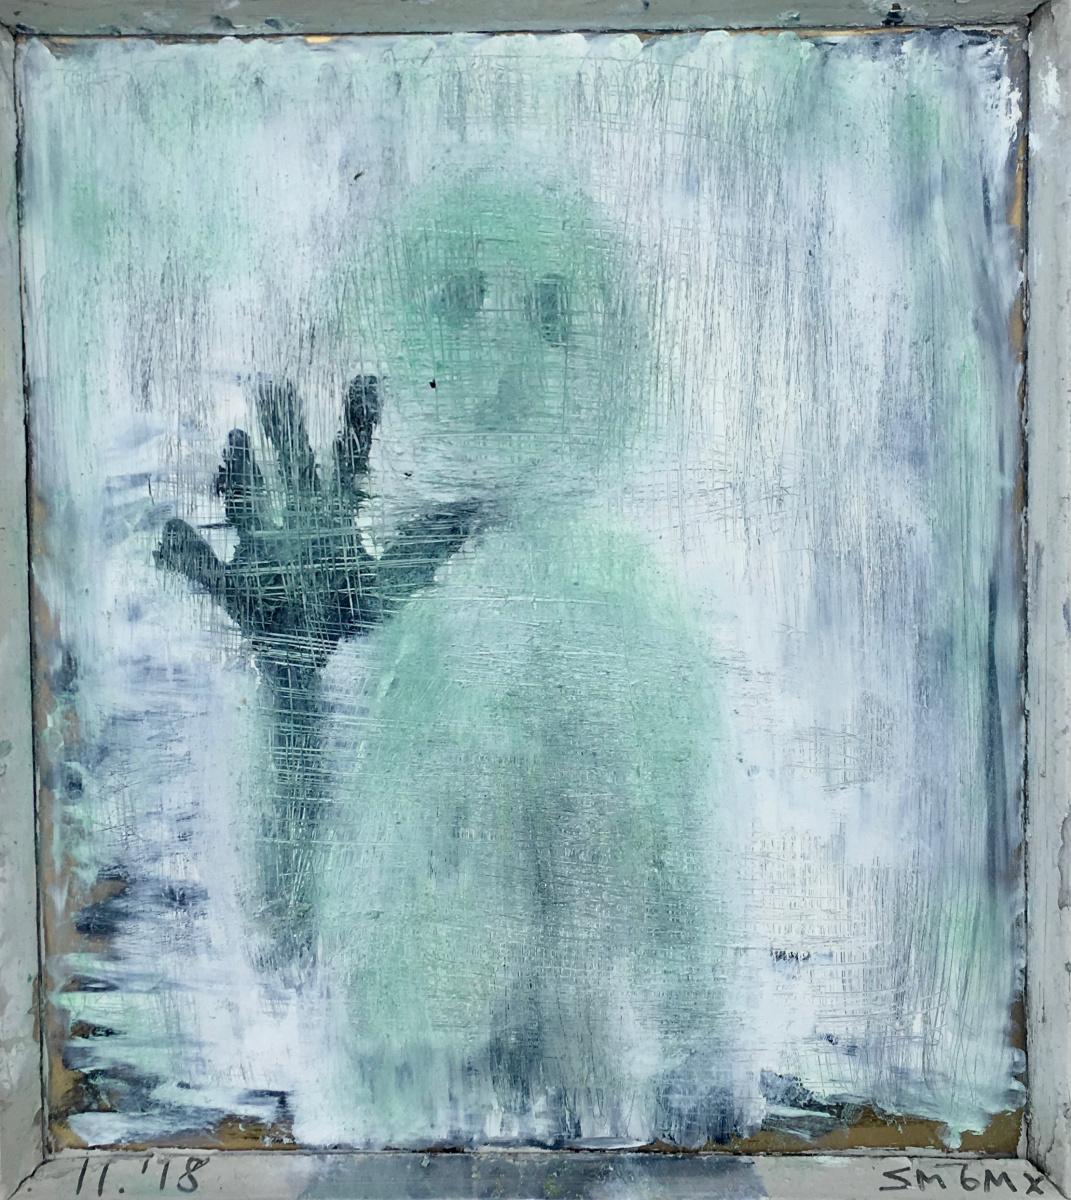 Maxim Simonov. [New feelings. How dust]